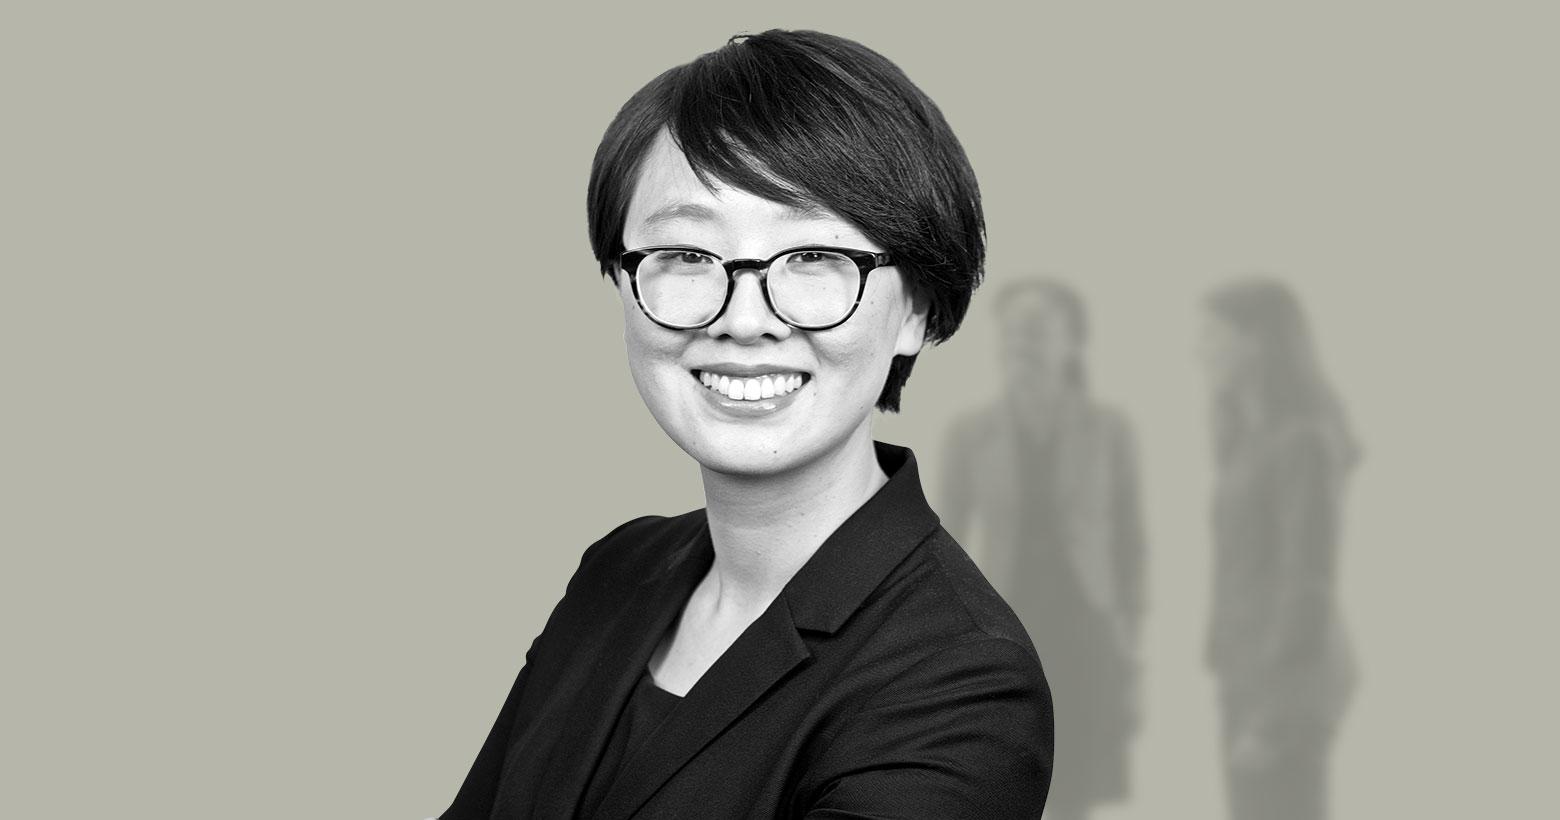 Jacqueline J. Yuan